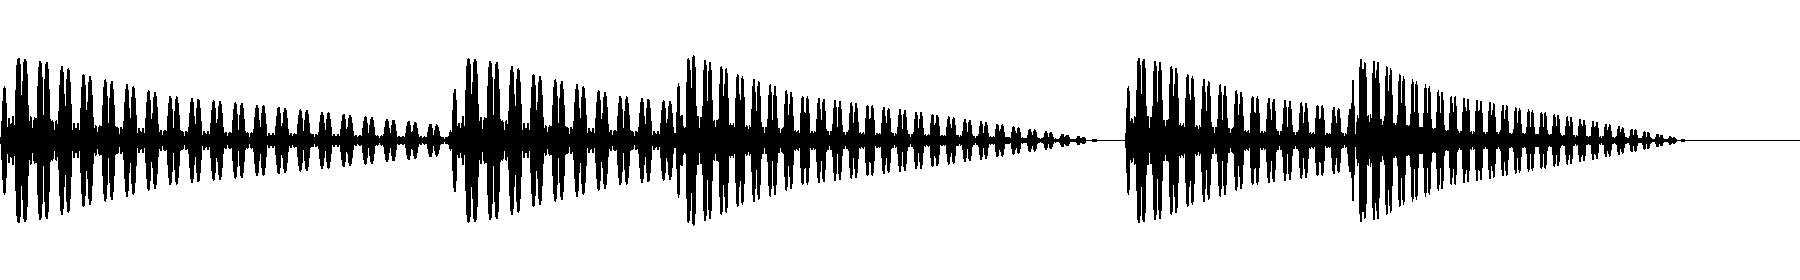 13557 zua2 wav